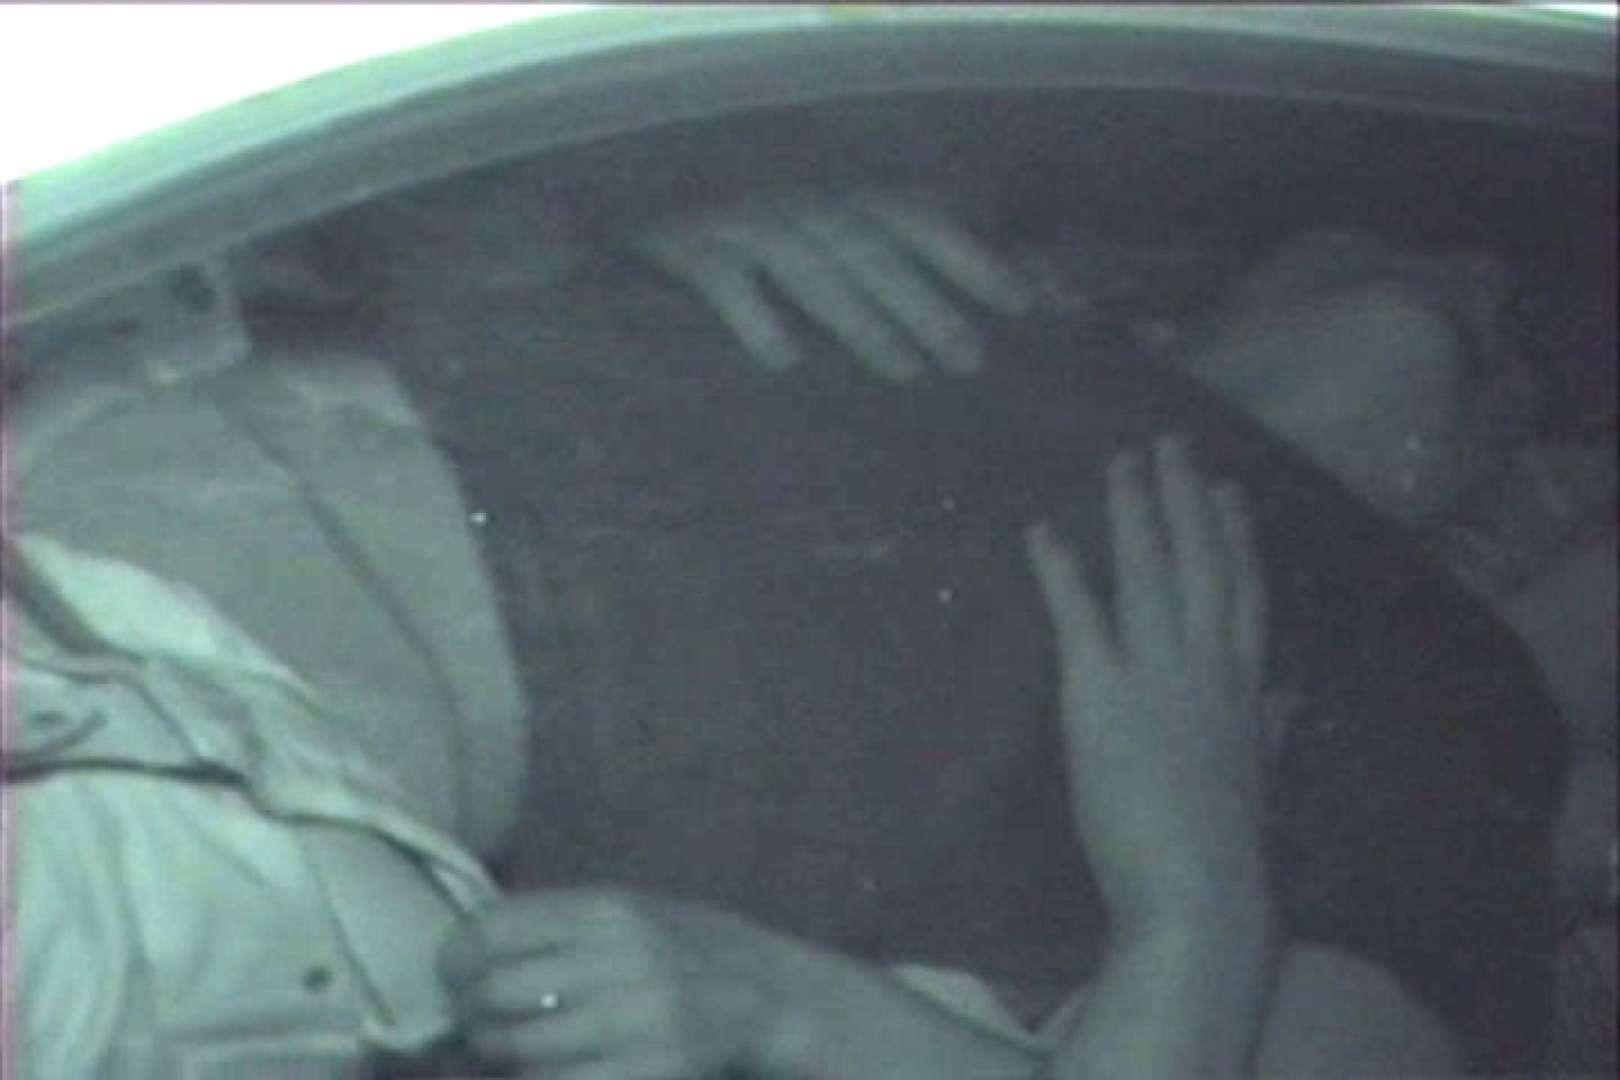 車の中はラブホテル 無修正版  Vol.18 ラブホテル オマンコ動画キャプチャ 80連発 69